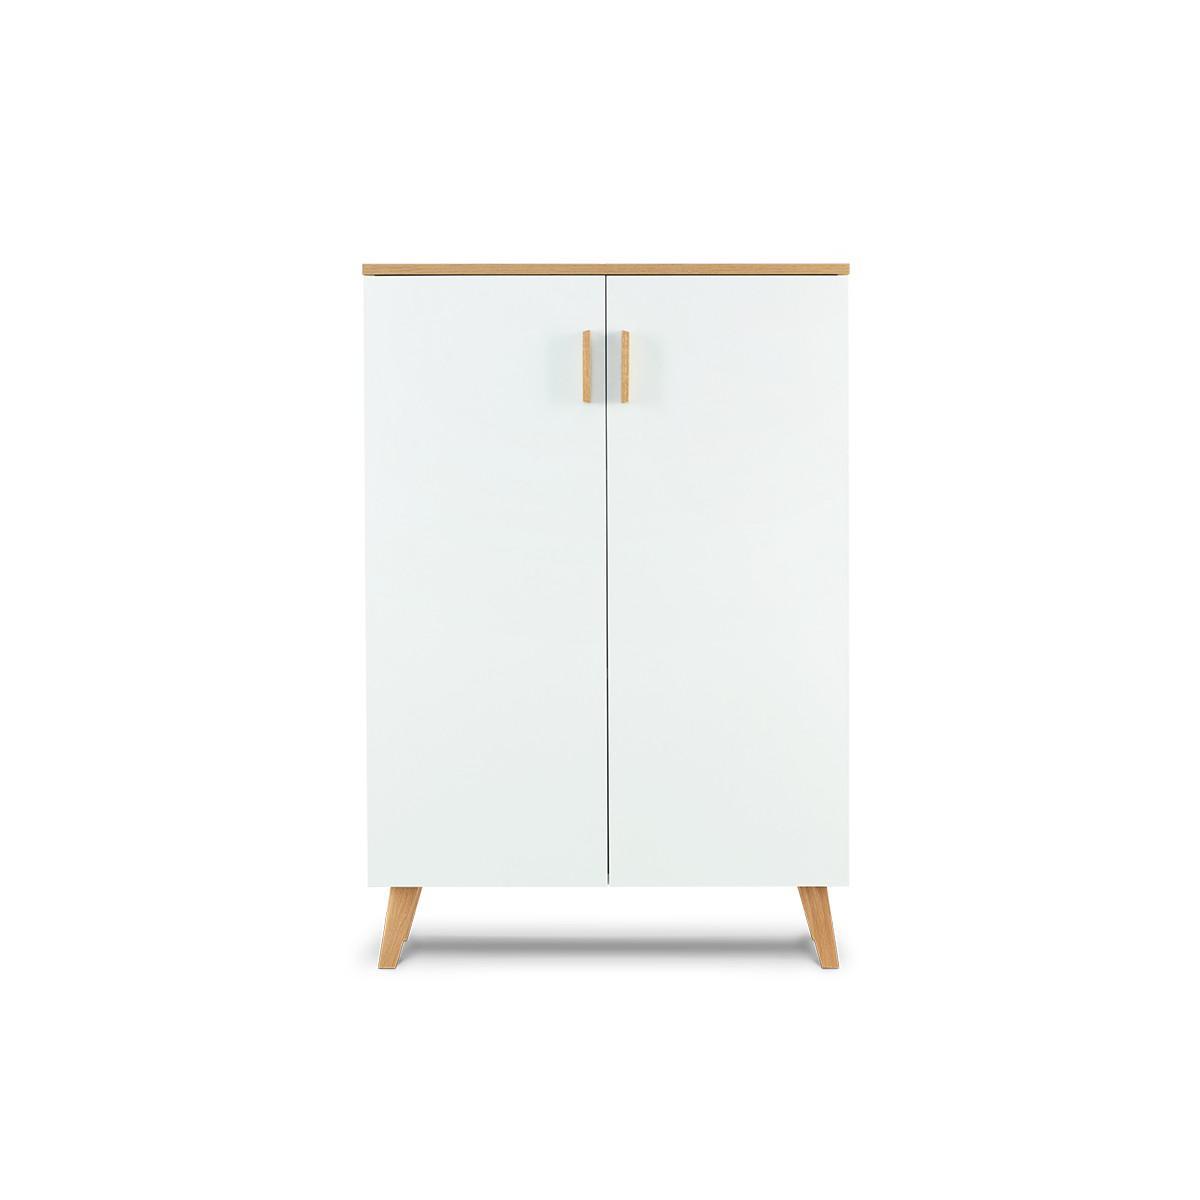 Hucoco FRILI   Commode style scandinave chambre/entrée/salon   80x117x46 cm   2 portes + 3 compartiments de rangement   Design